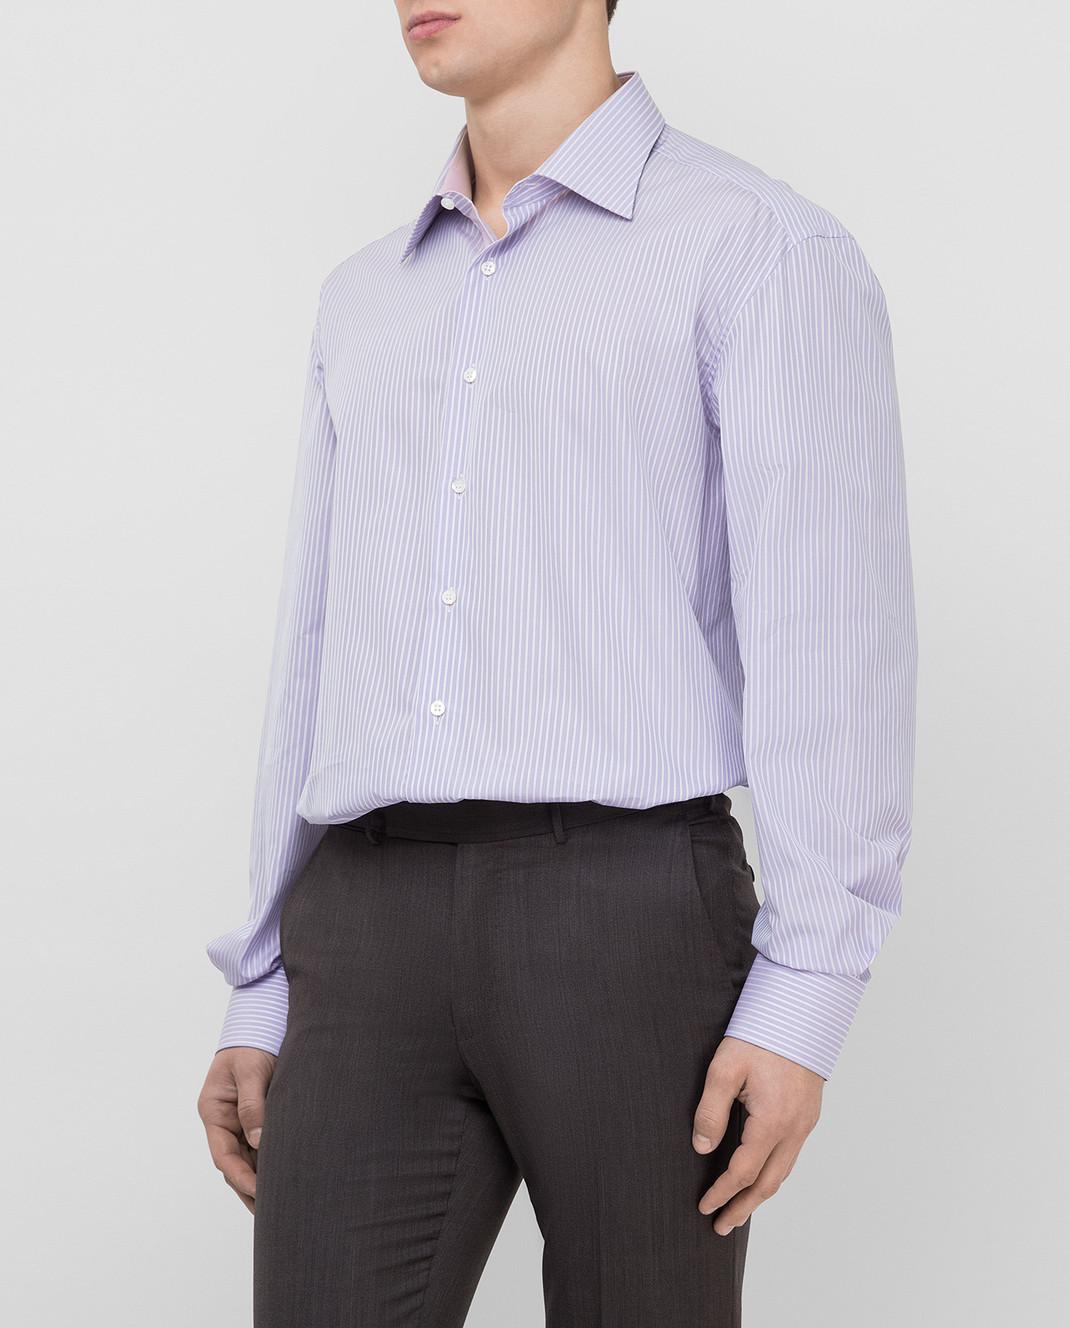 Stefano Ricci Сиреневая рубашка MC000872 изображение 3